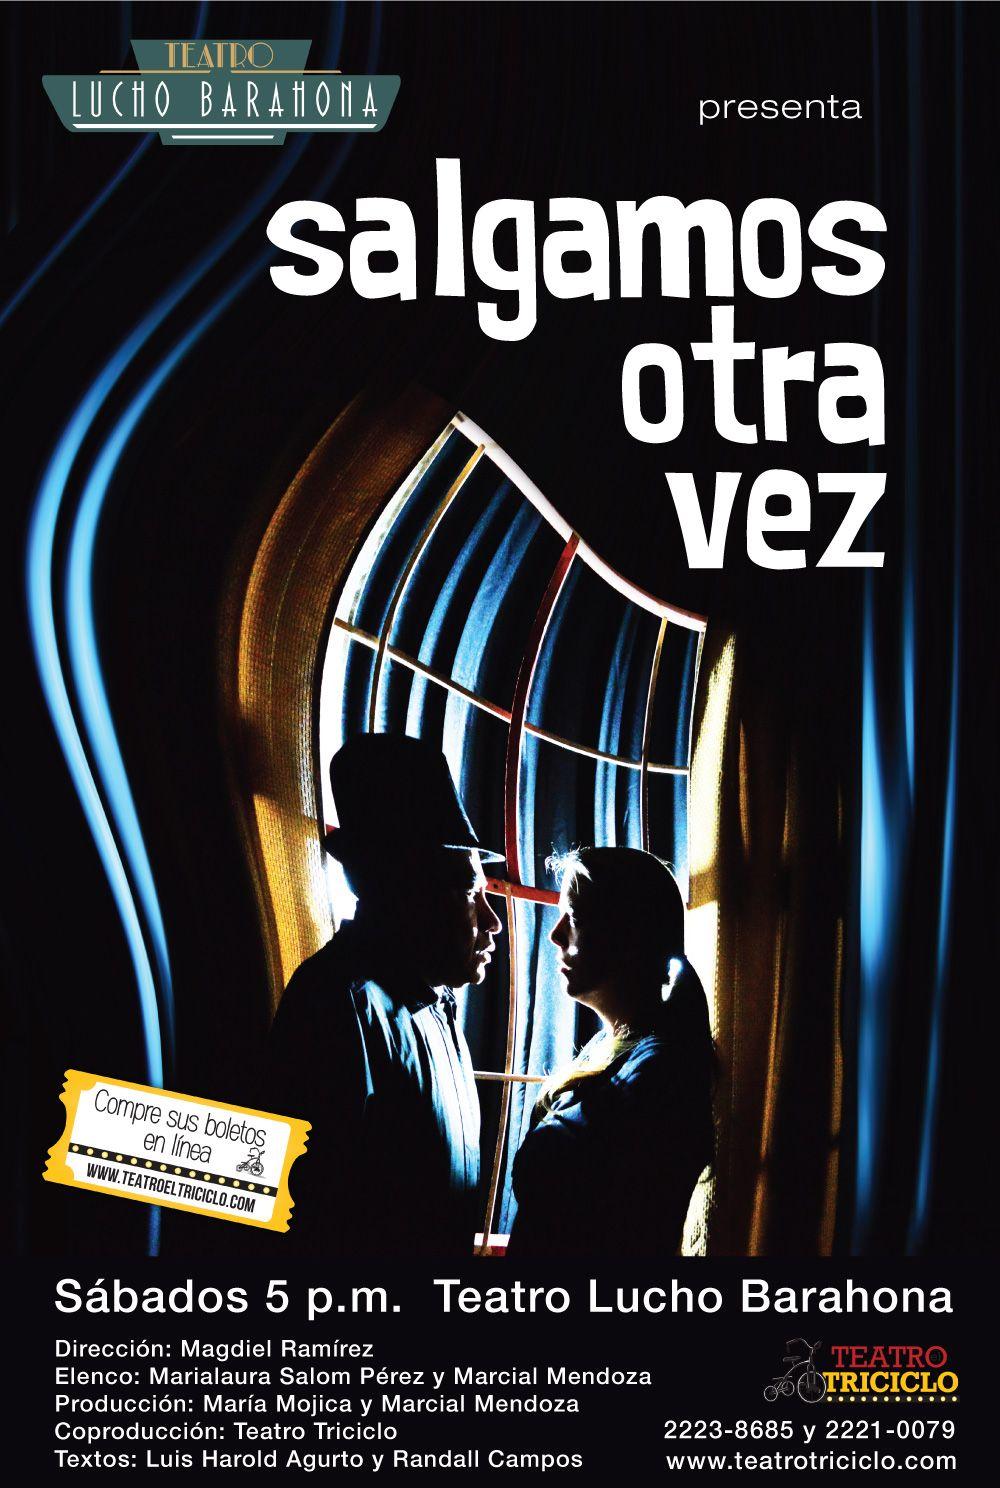 Drama Y Comedia Teatro Sábados A Las 5 P M En El Teatro Lucho Barahona Reserve En Línea Teatroeltriciclo Com Movie Posters Movies Poster